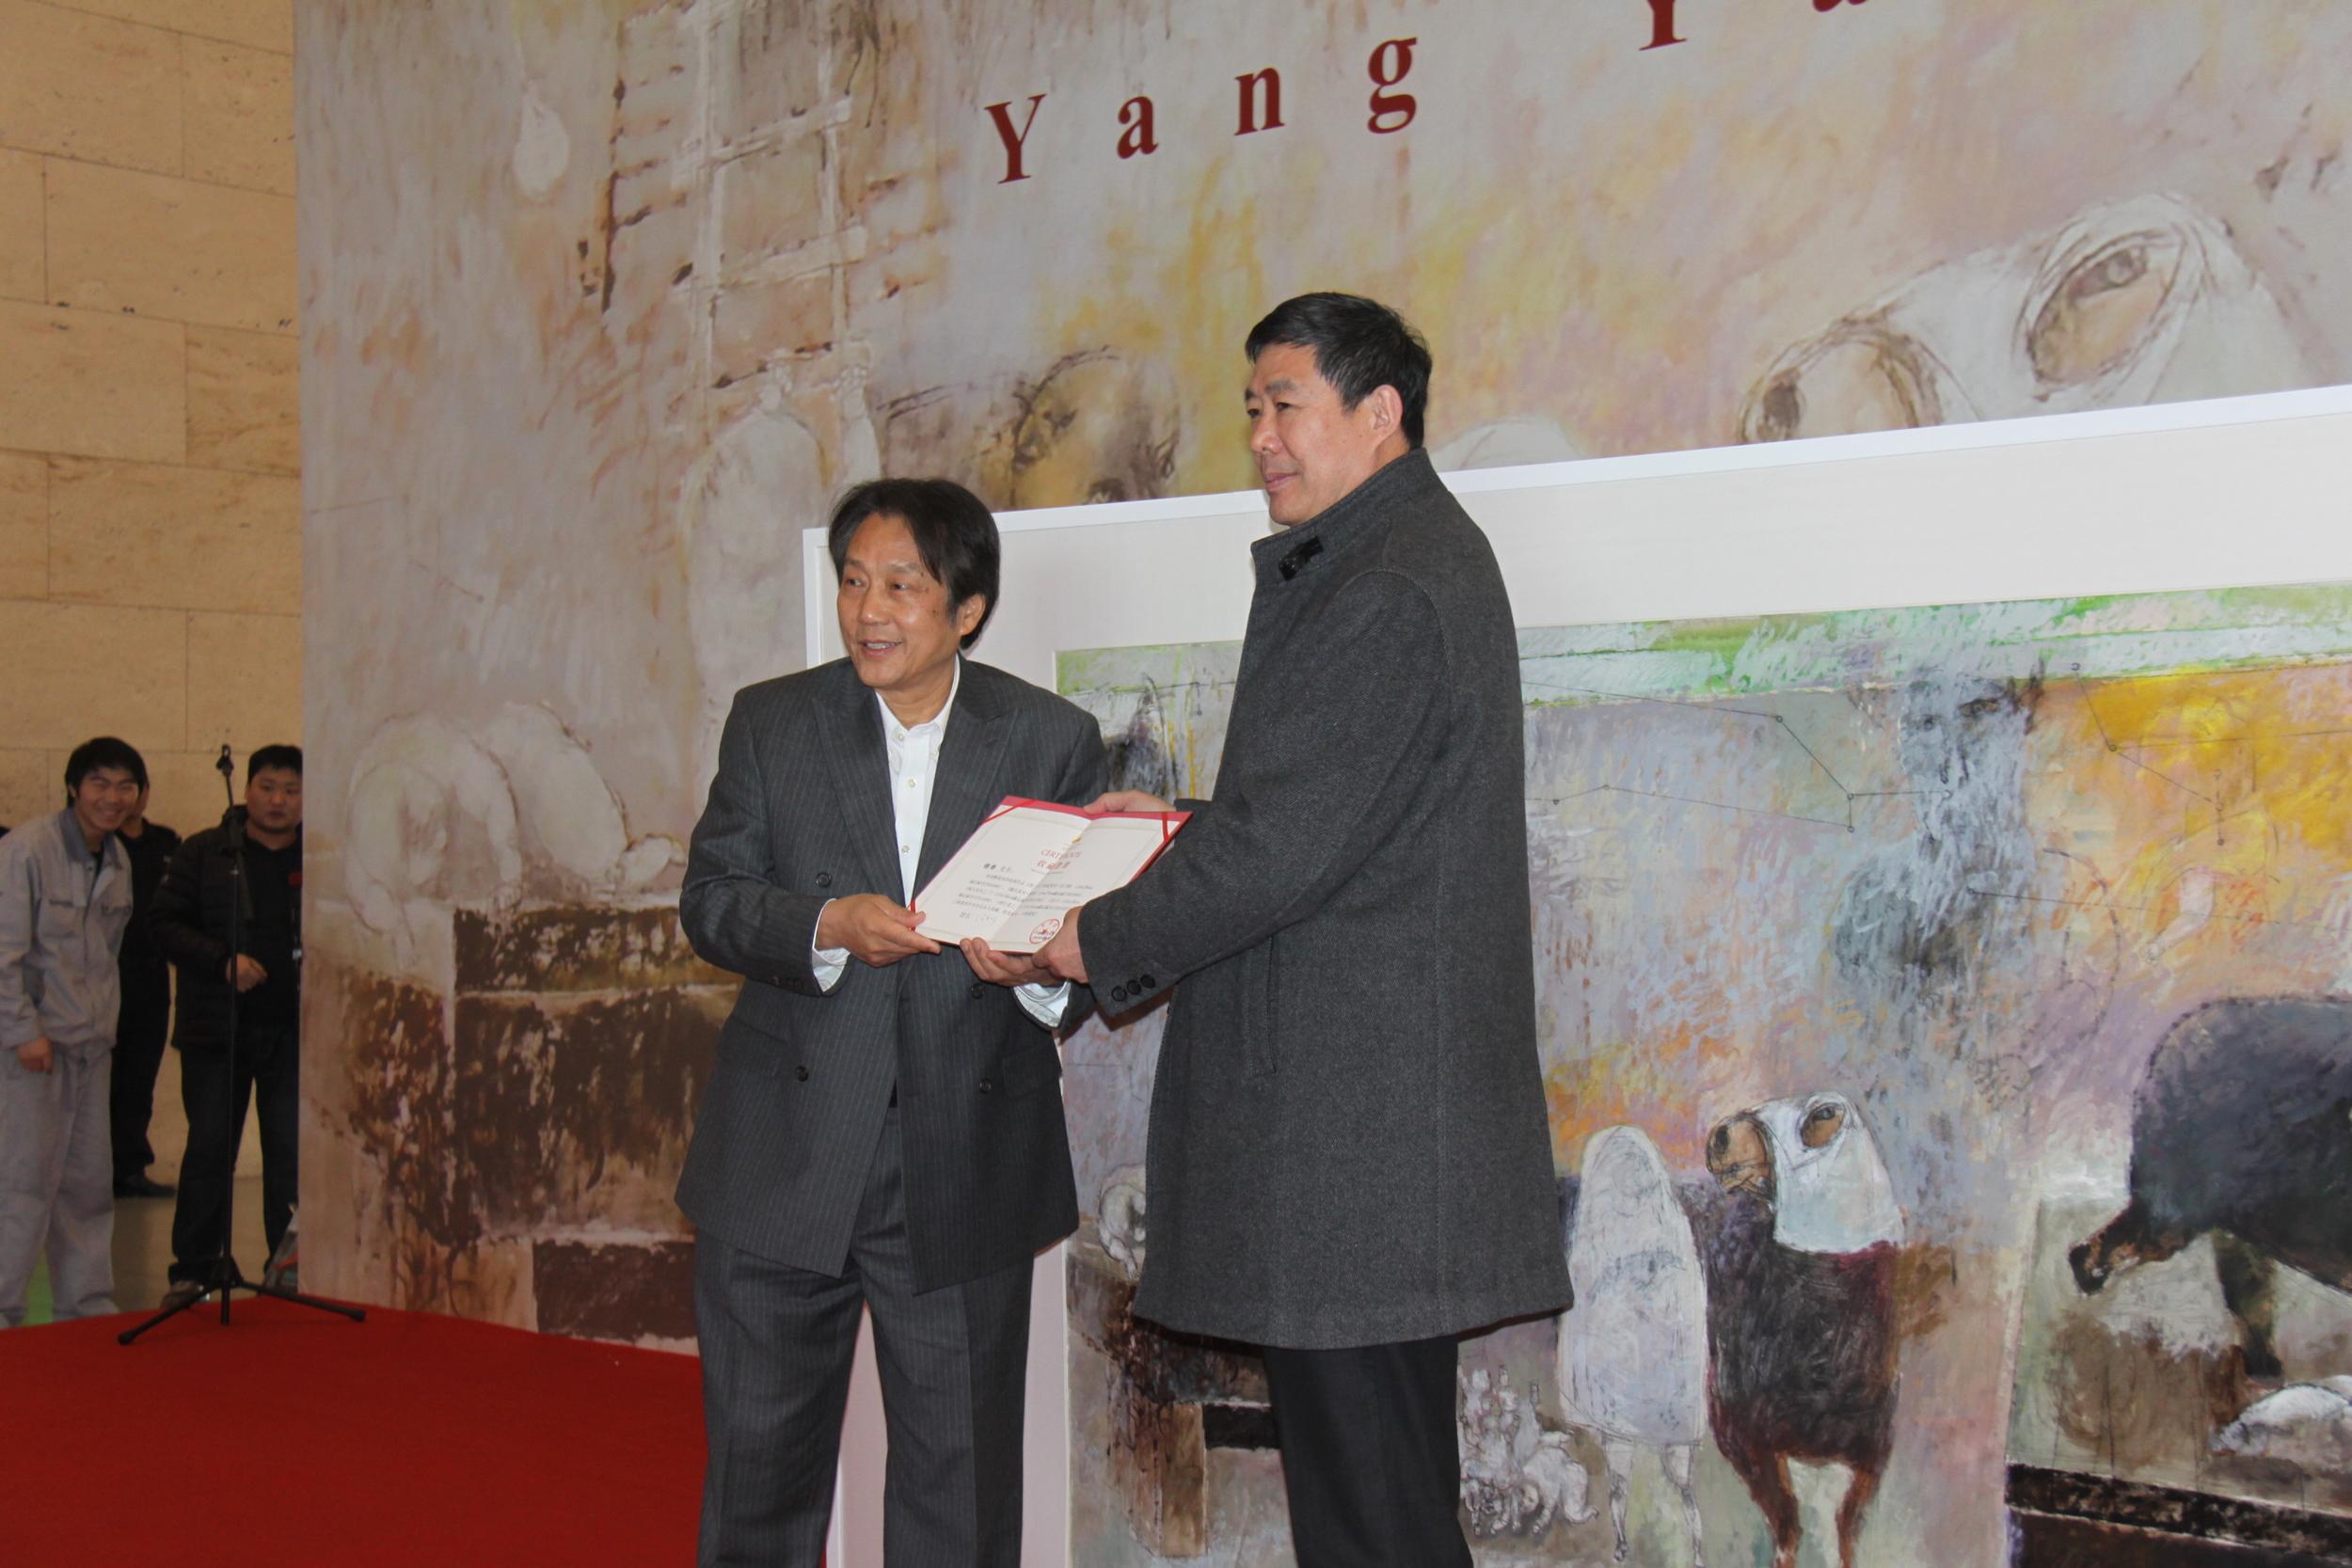 杨扬山东美术馆画展-山东美术馆馆长王建国先生向杨扬颁发收藏证书和荣誉证书.JPG